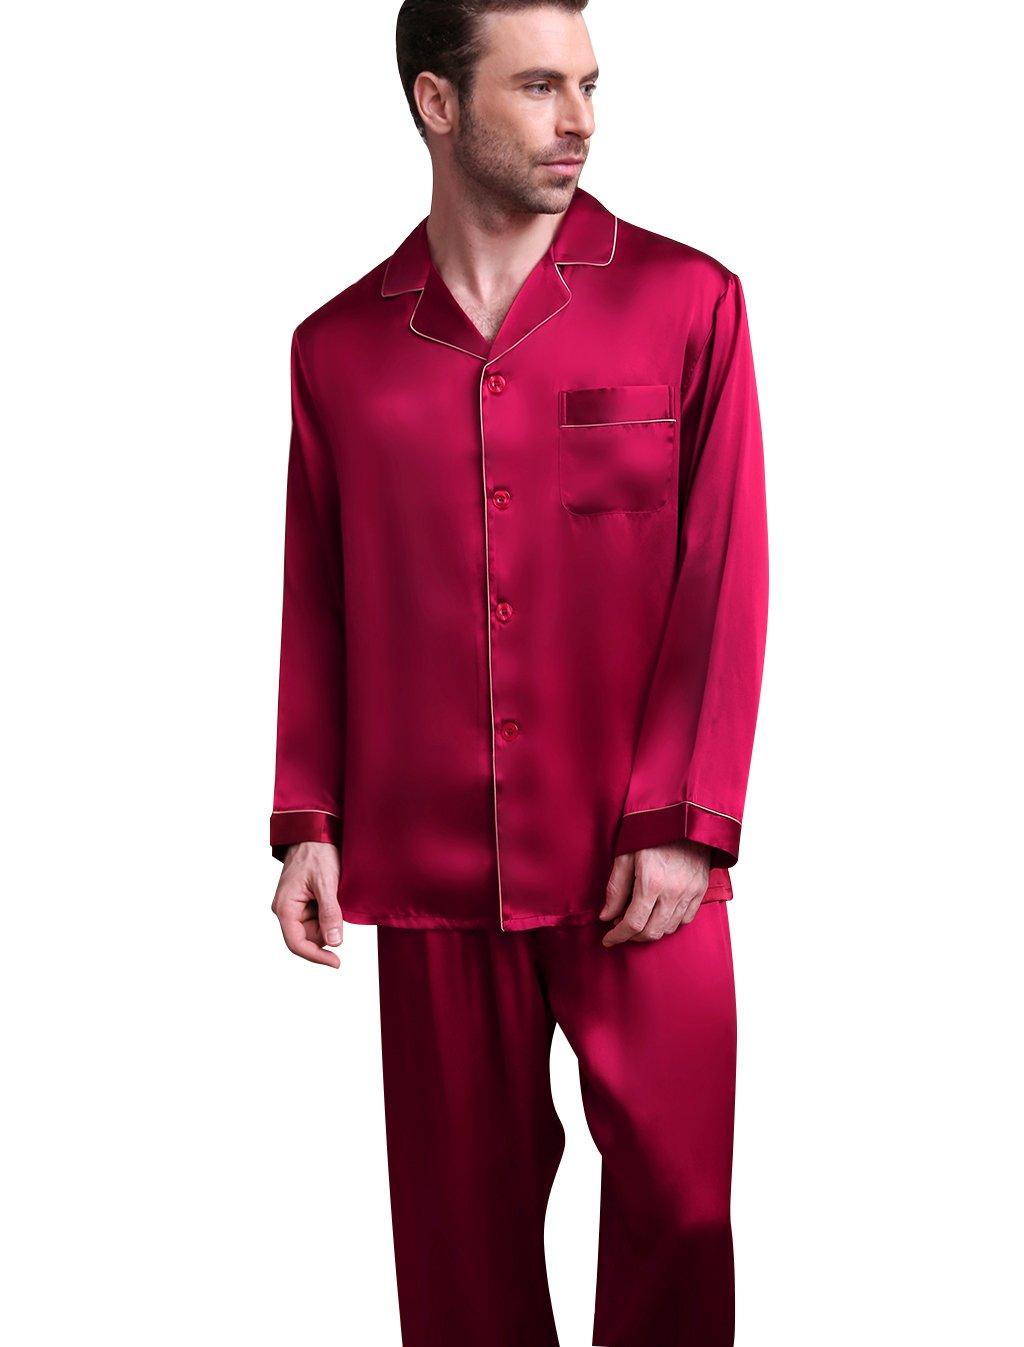 Viinin メンズ シルクパジャマ 天然シルク100% 滑らかな着心地 前開き 長袖 ギフトにも最適 B07CHQ1XMG M|レッド レッド M